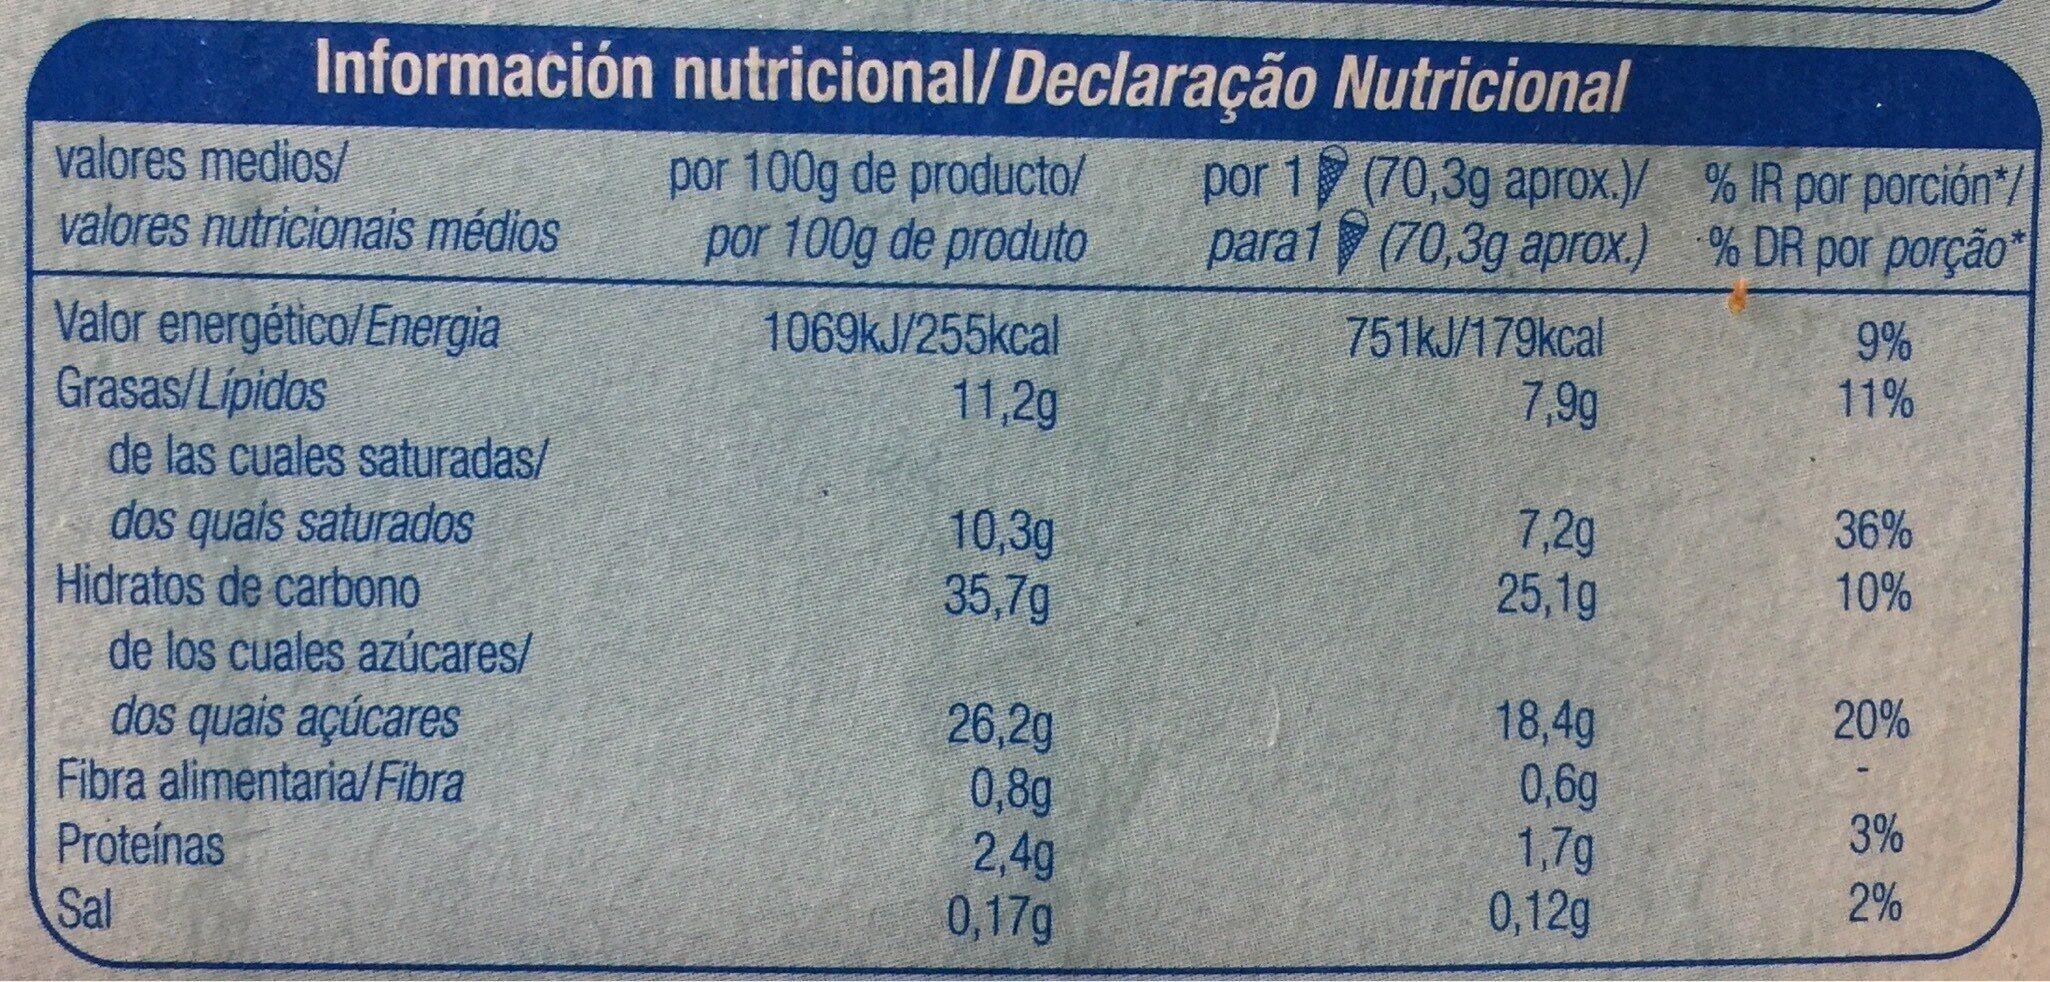 Cono sabor nata y caramelo - Informació nutricional